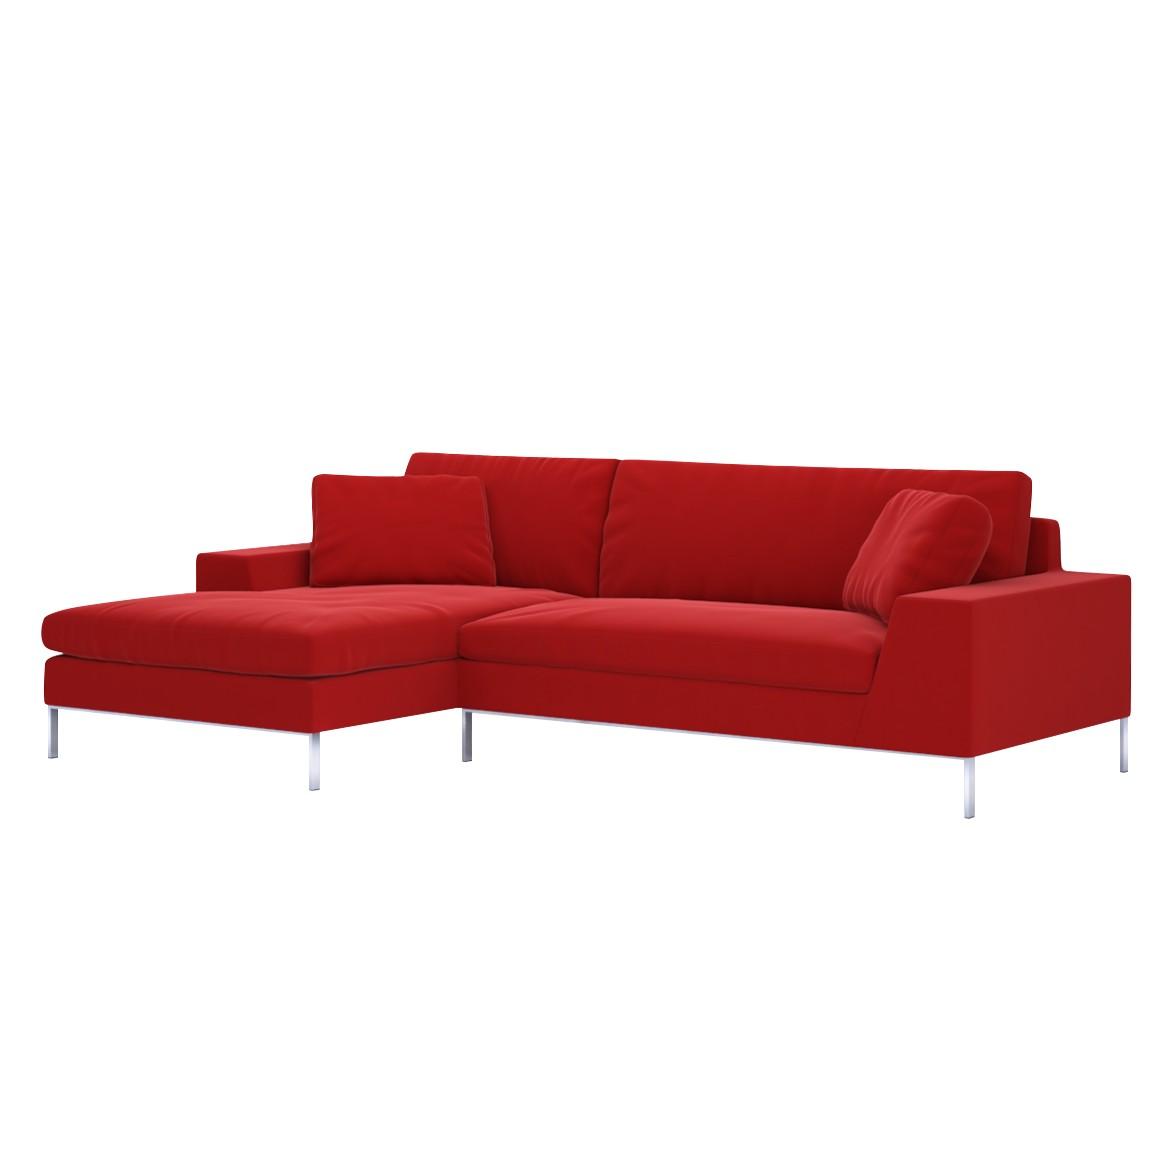 Sofa Helgesen (2-Sitzer) mit Recamière – Longchair/Ottomane davorstehend links – Senja III Red (Tomatenrot), Von Wilmowsky bestellen